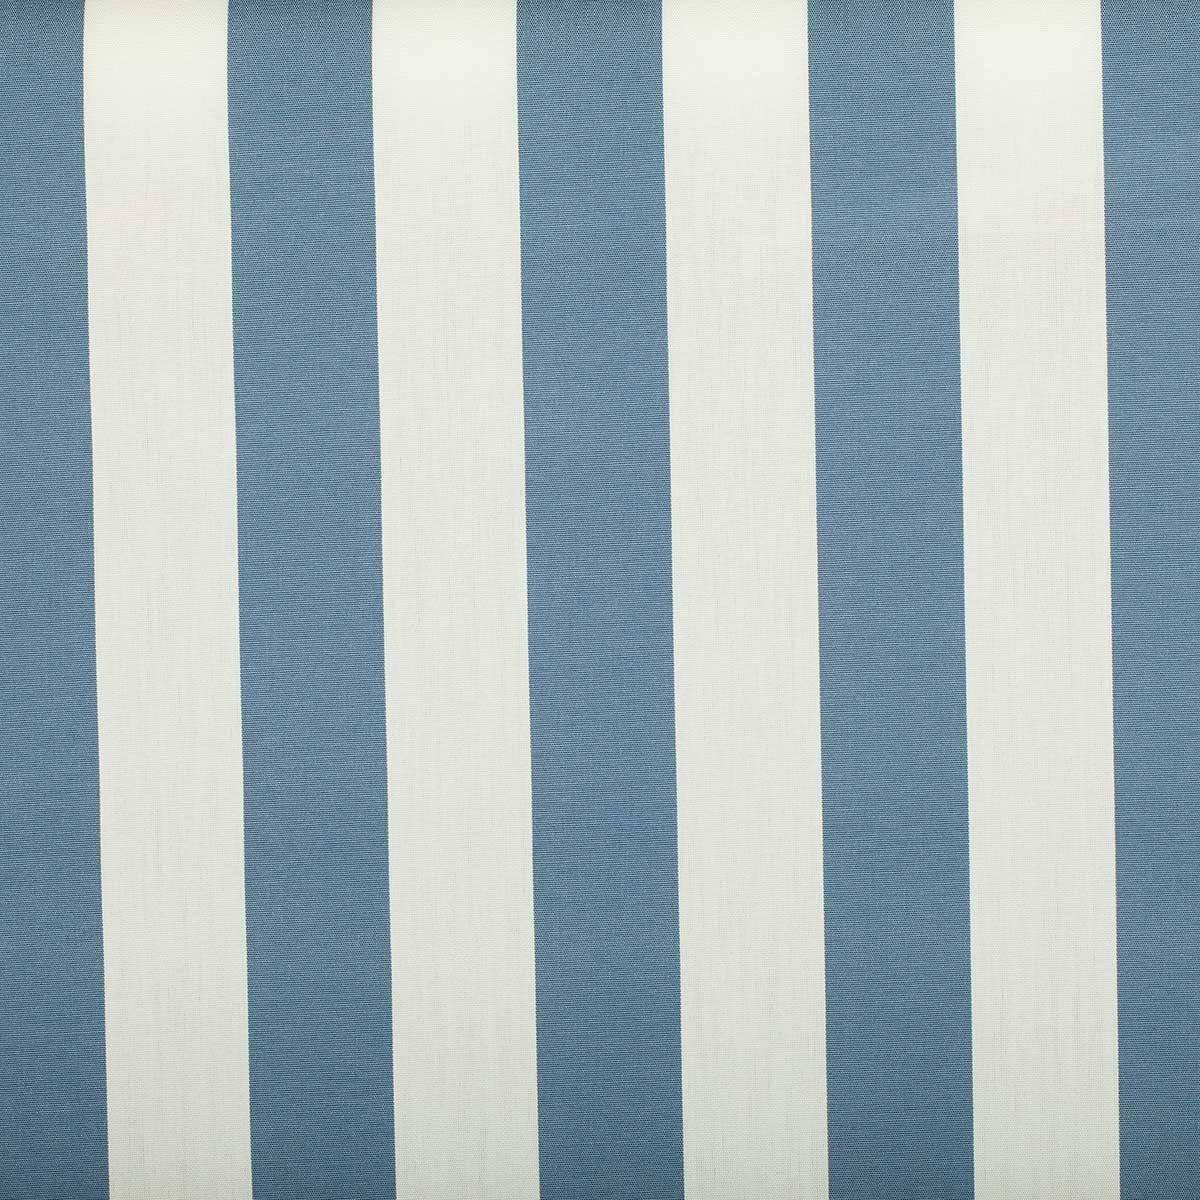 toile tissu d 39 ext rieur pour transat bleu blanc. Black Bedroom Furniture Sets. Home Design Ideas